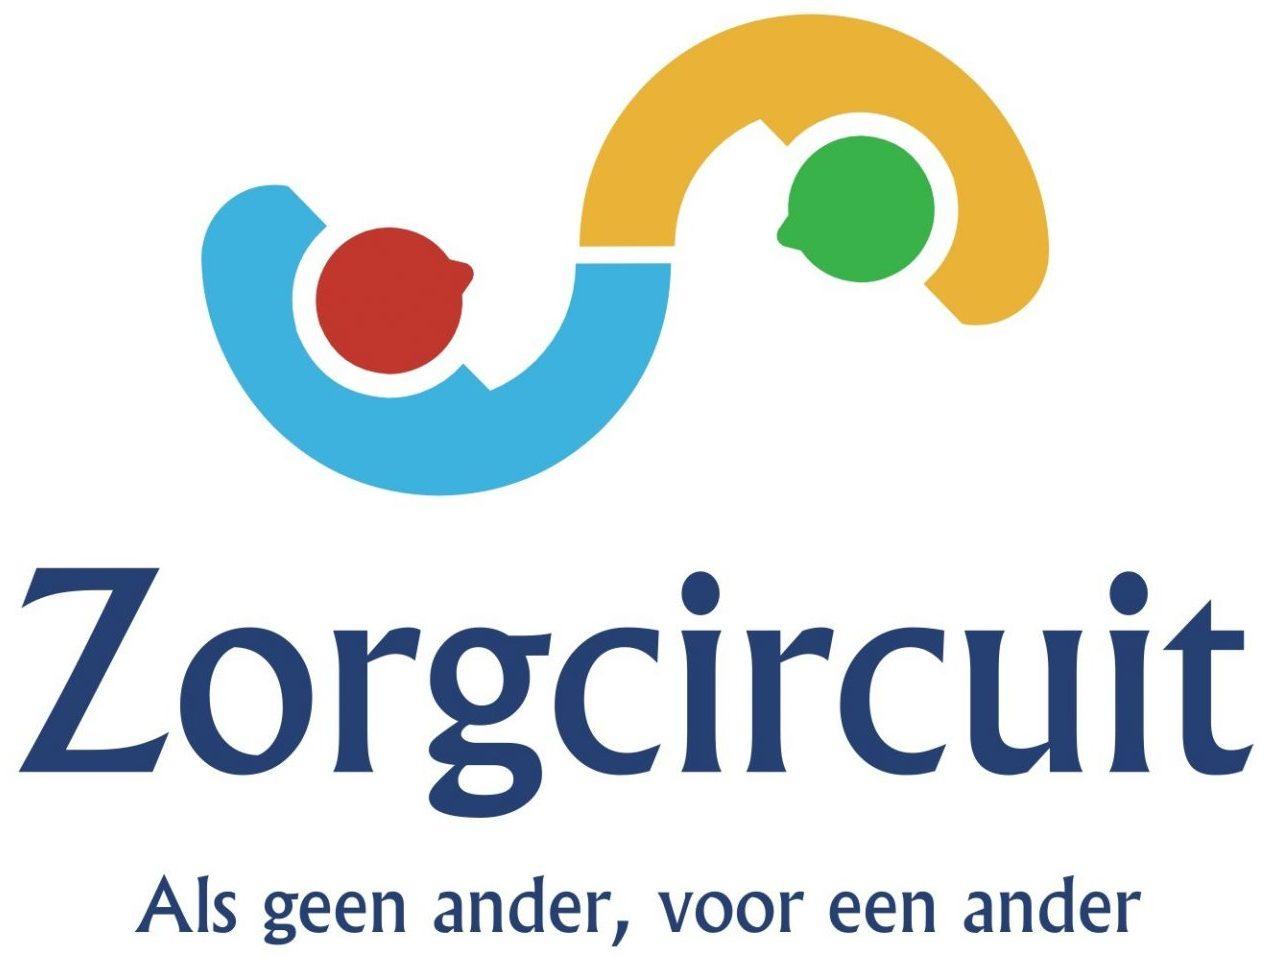 Zorg-circuit